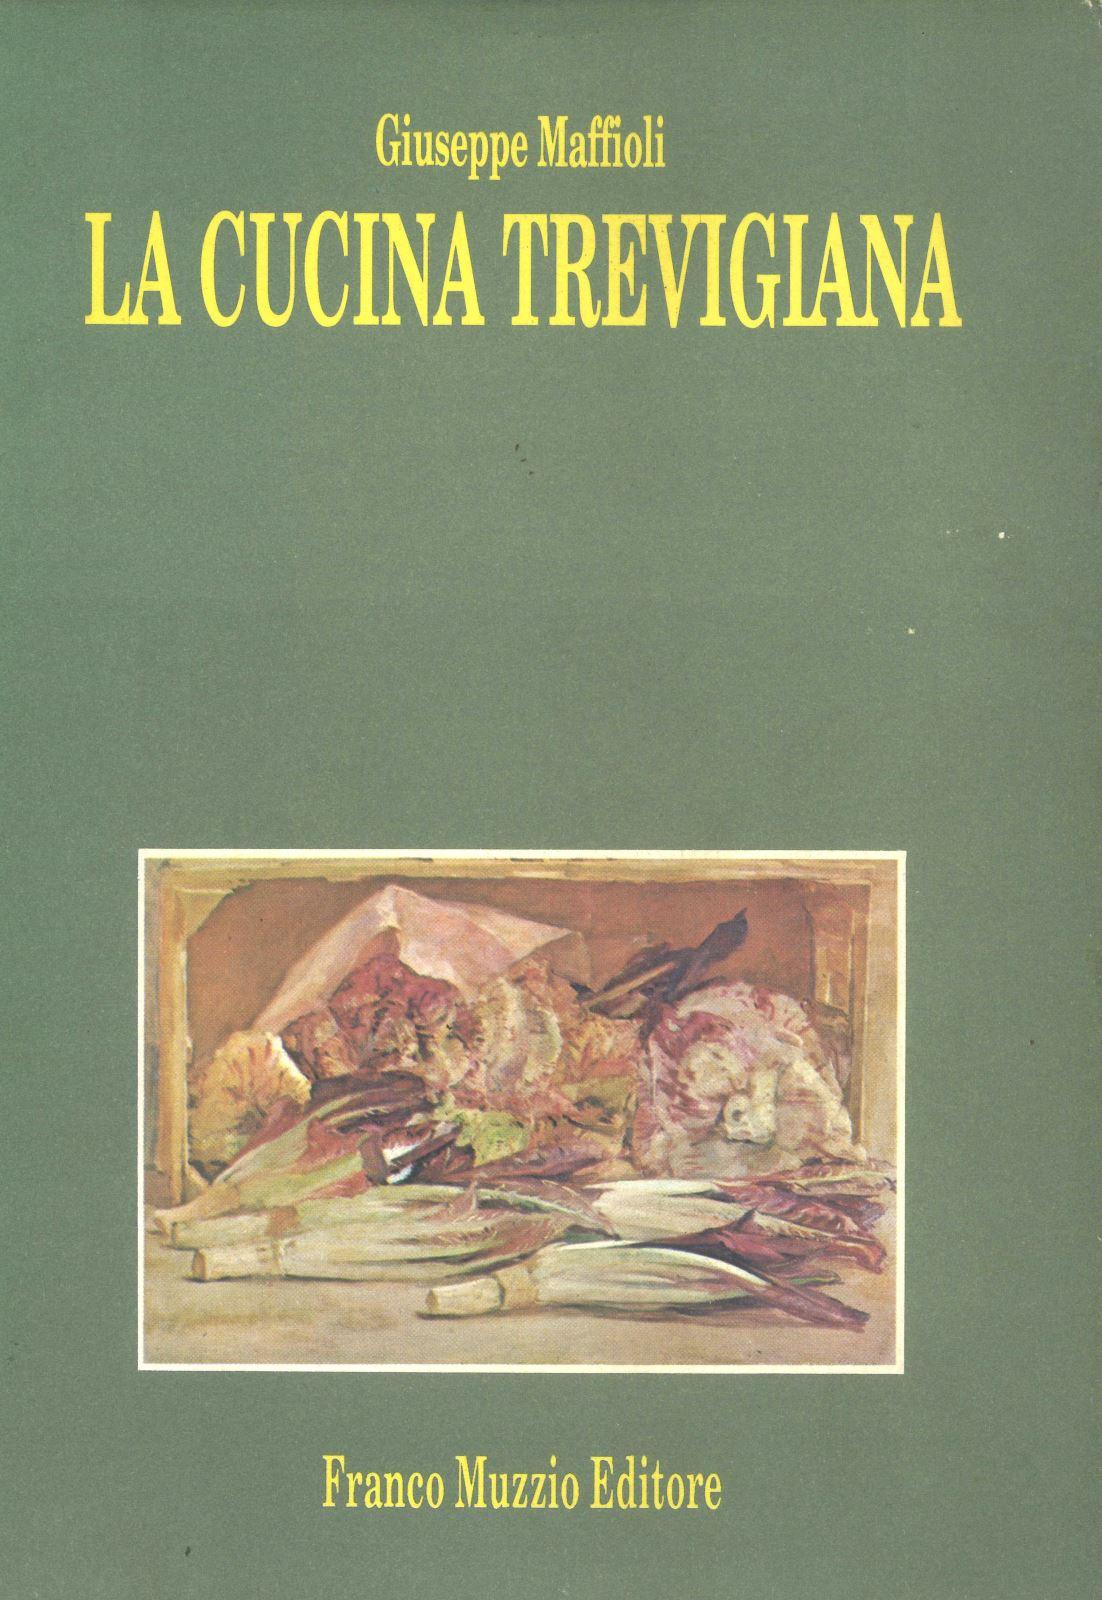 LibroMaffioli.jpg